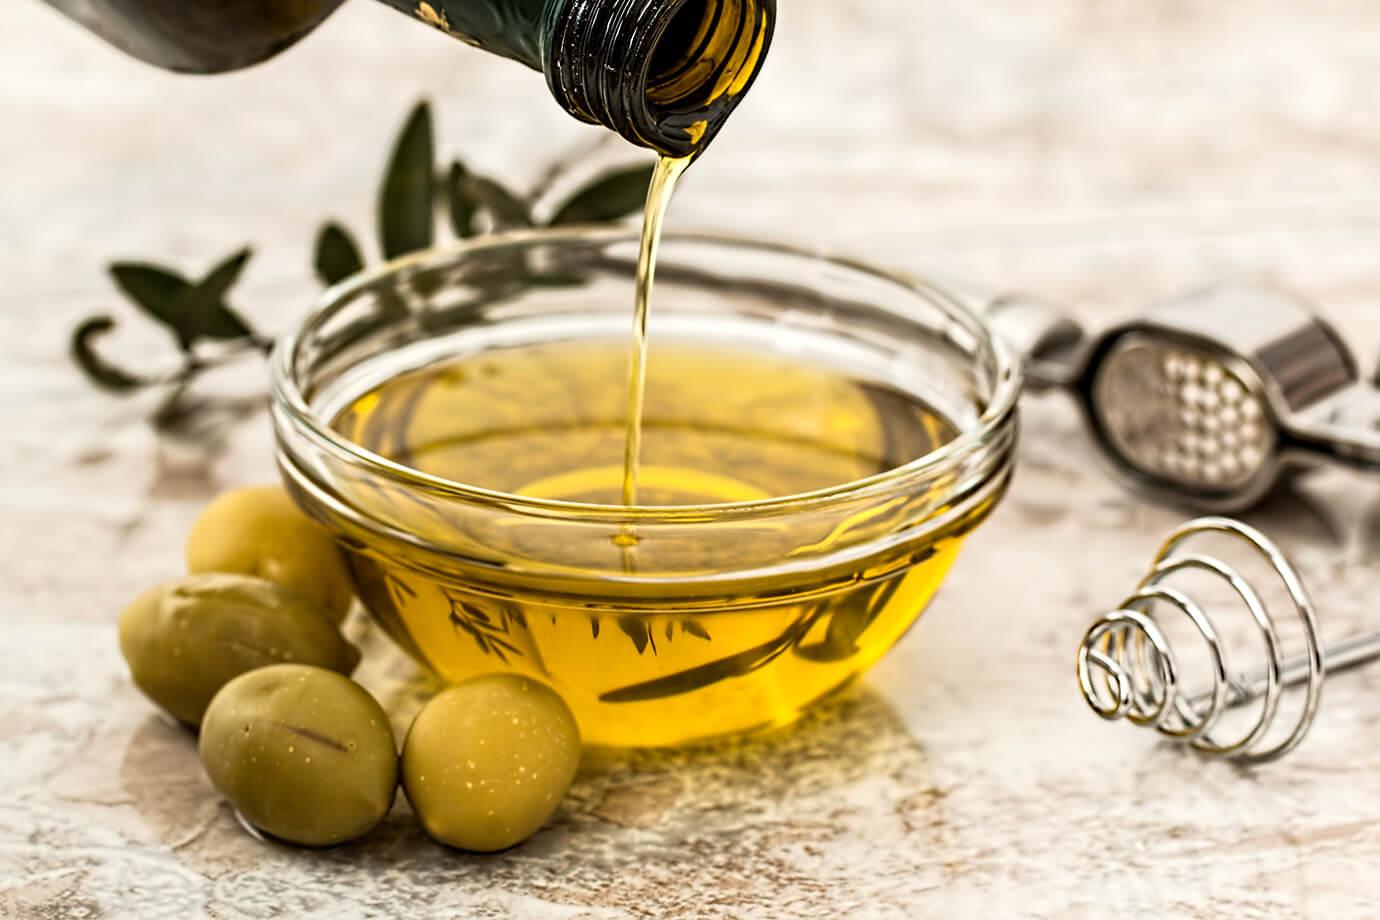 Terre Aurunche DOP Extra Virgin Olive Oil